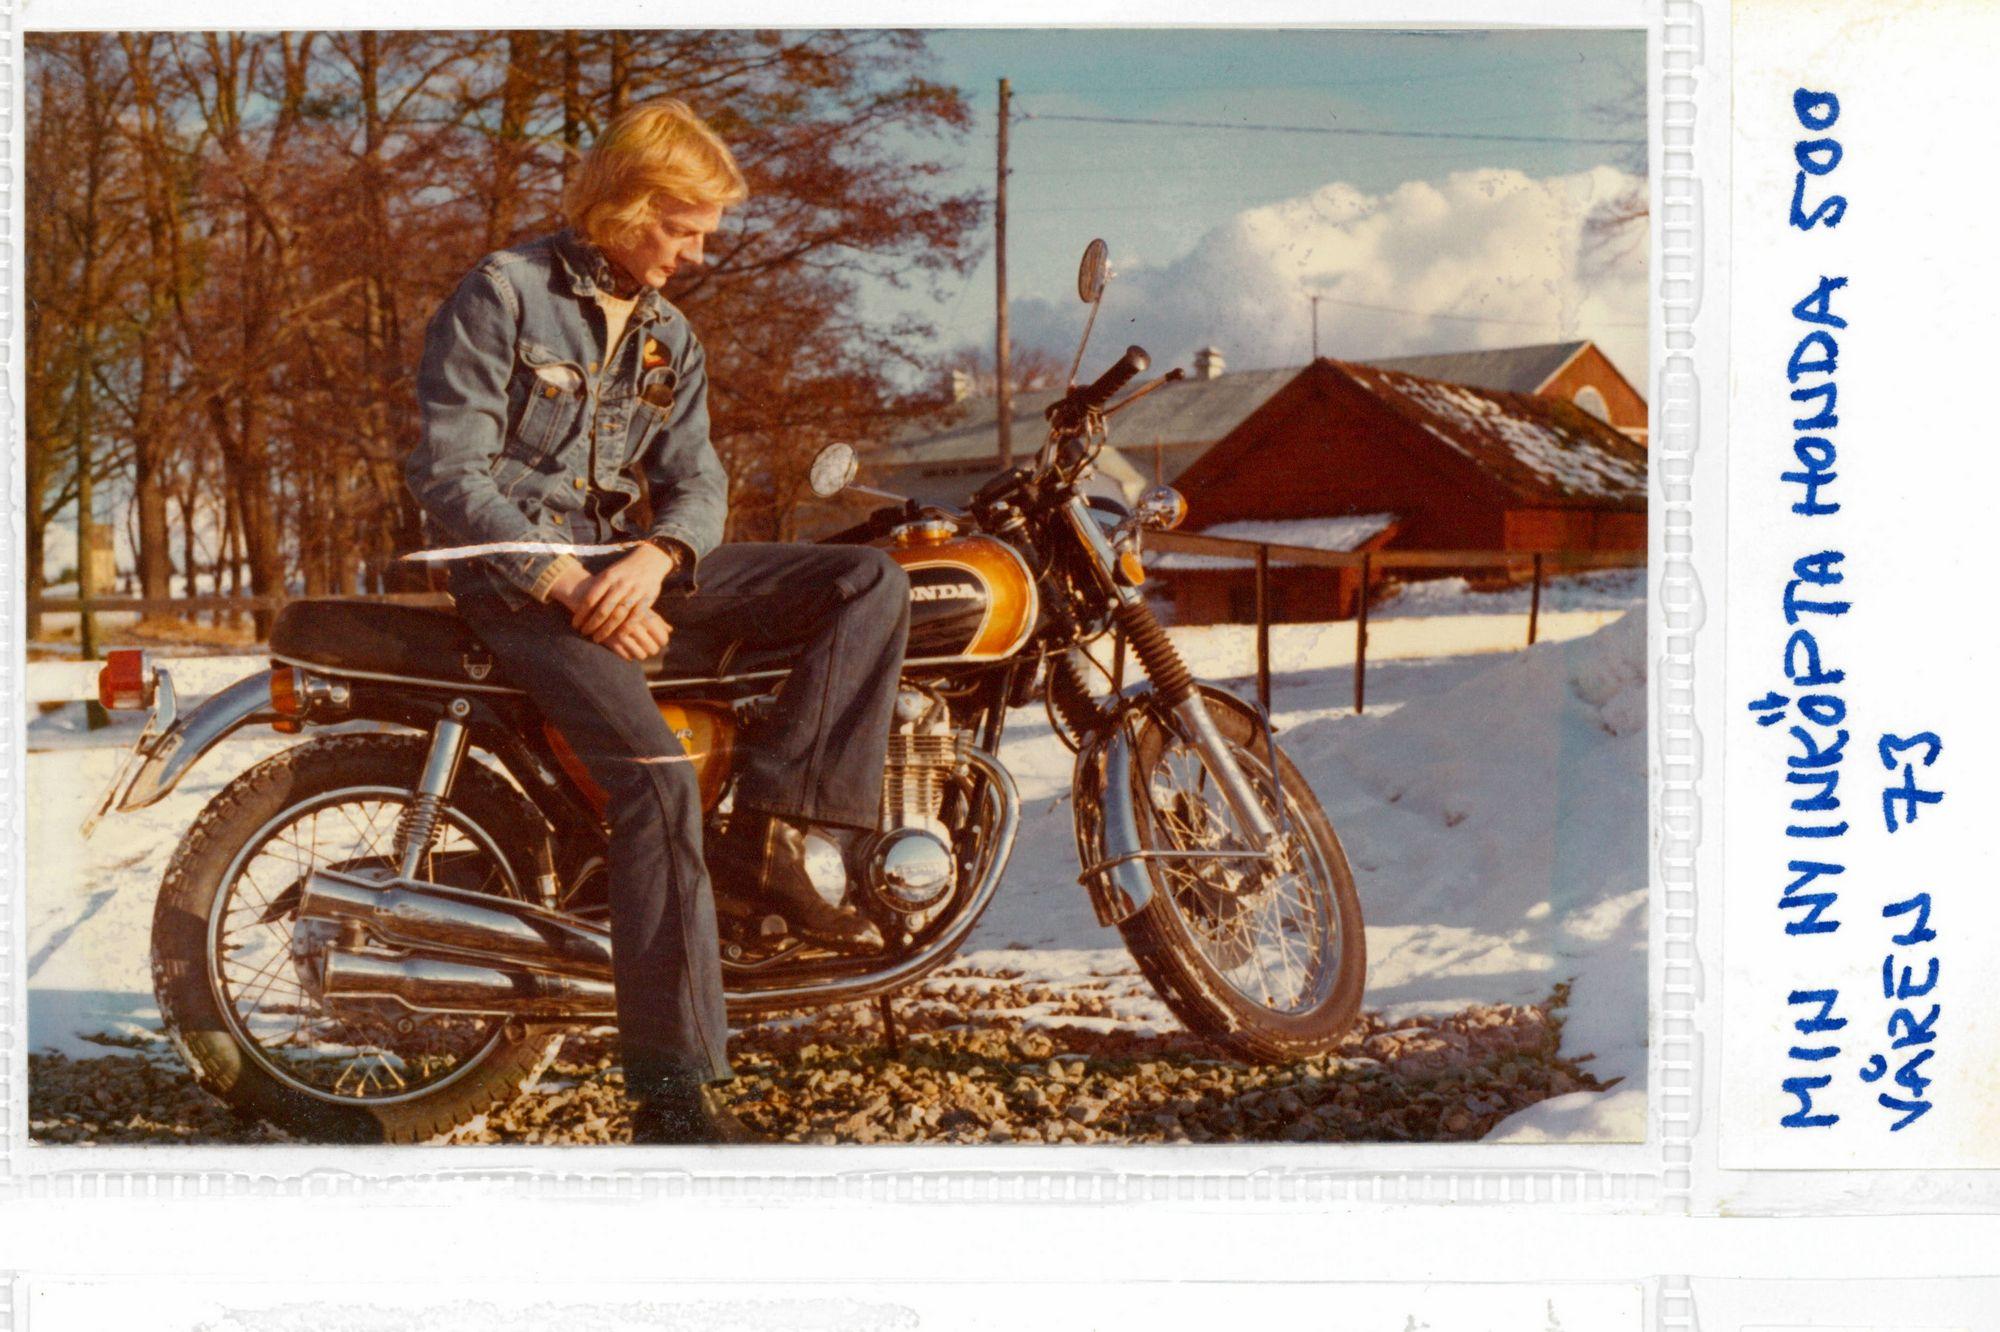 Gunnar500cc